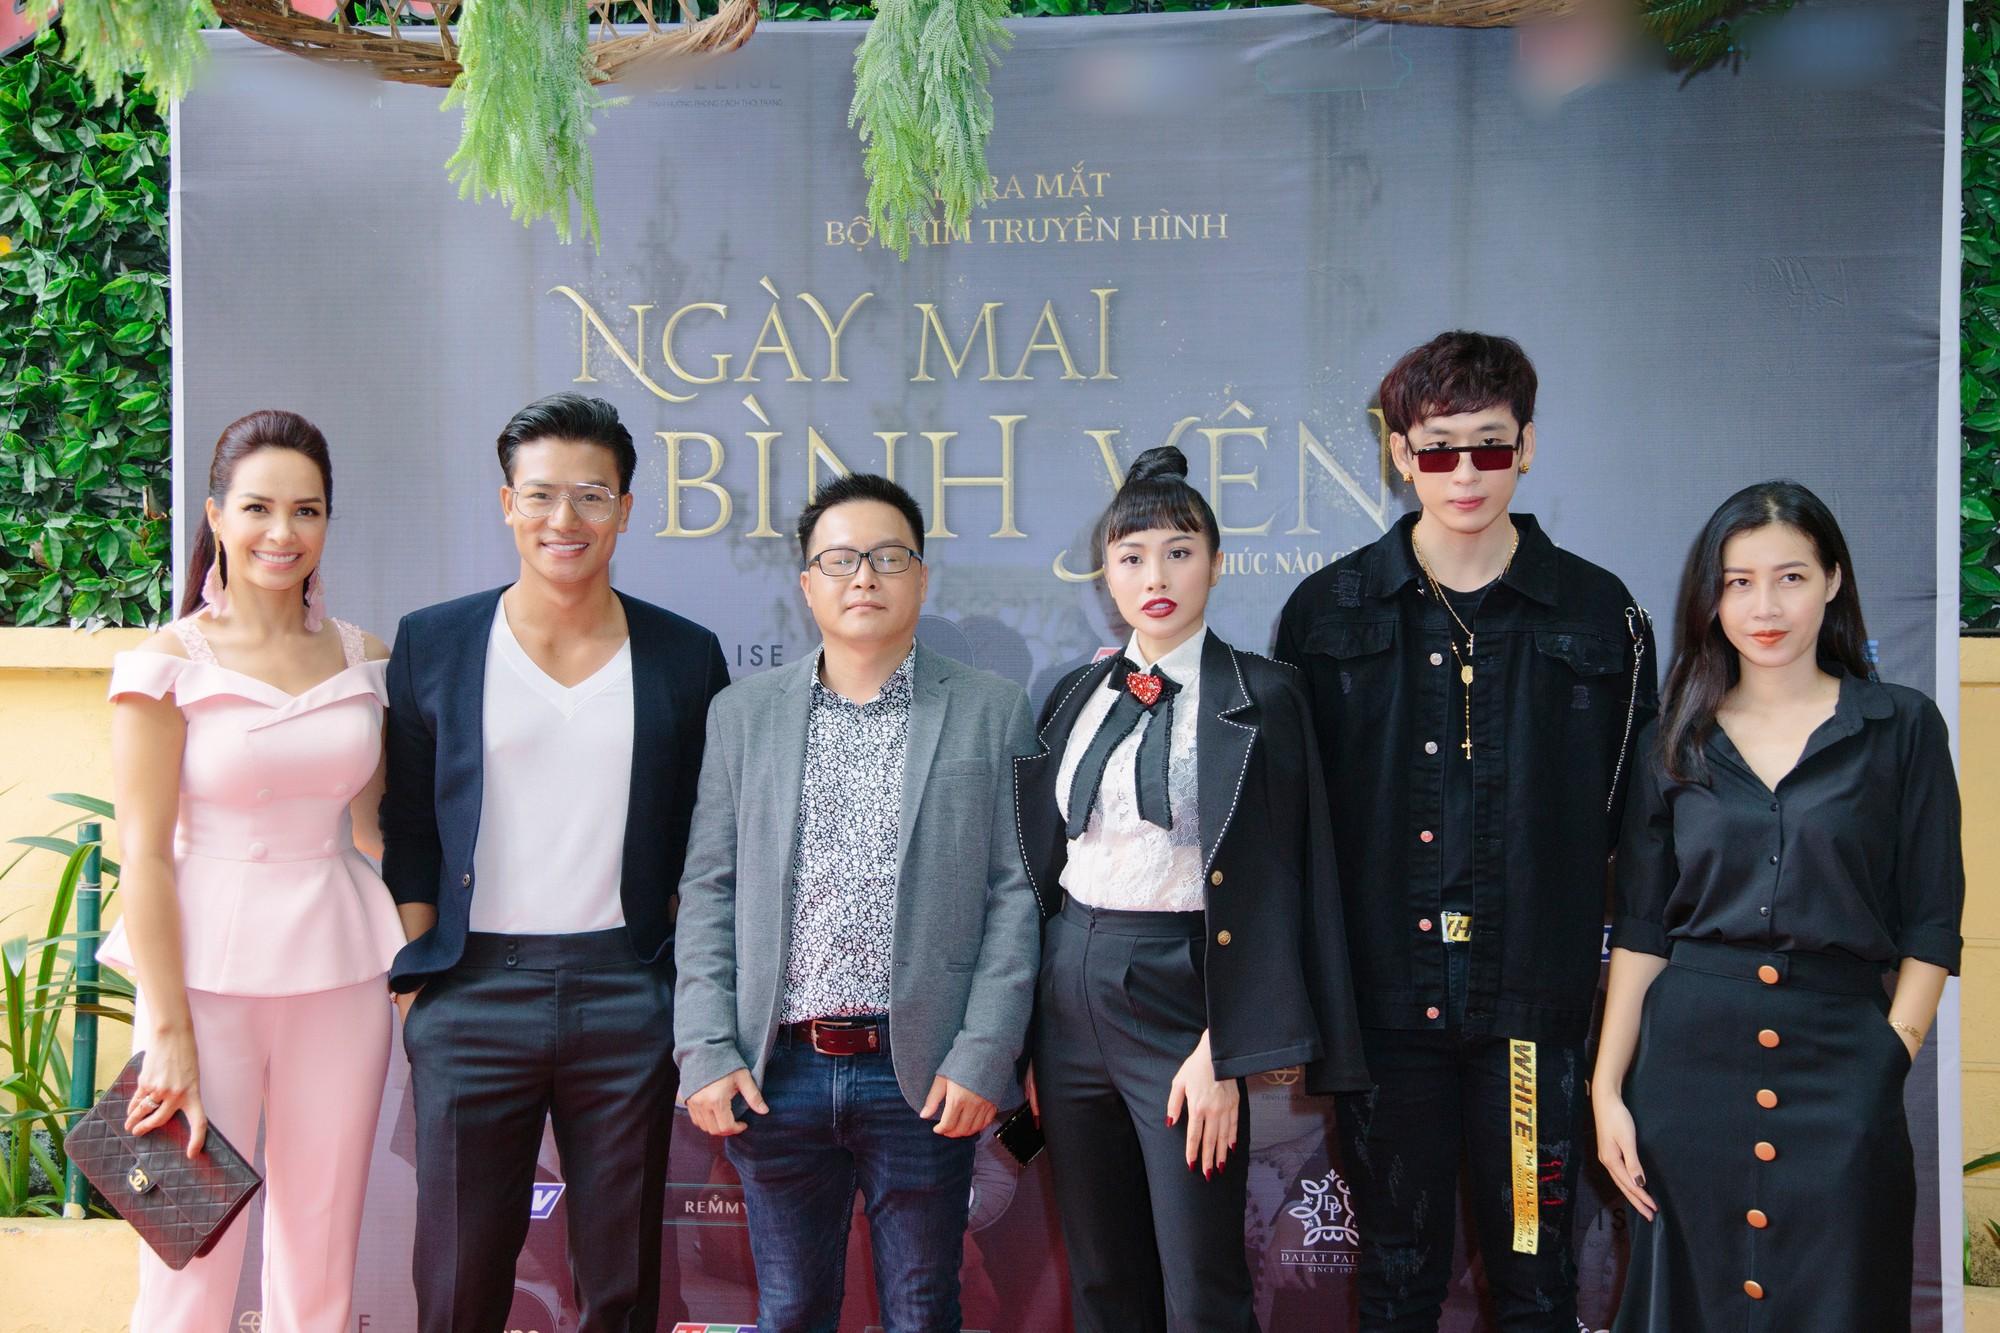 Thúy Hạnh bị chồng hành hung, Mai Thu Huyền chi tiền khủng mua quần áo  - Ảnh 5.